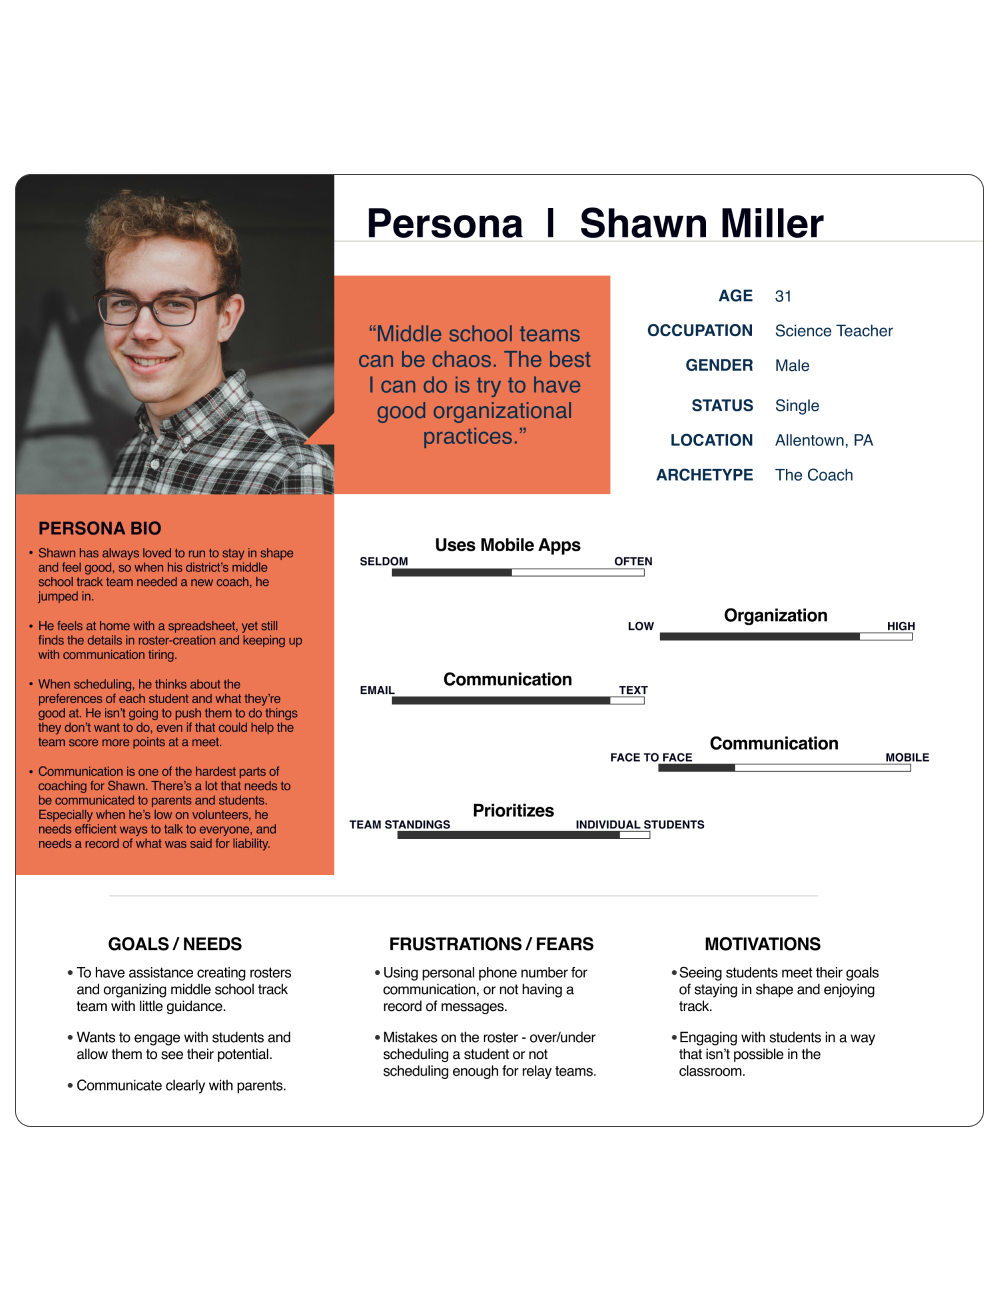 Persona | Shawn